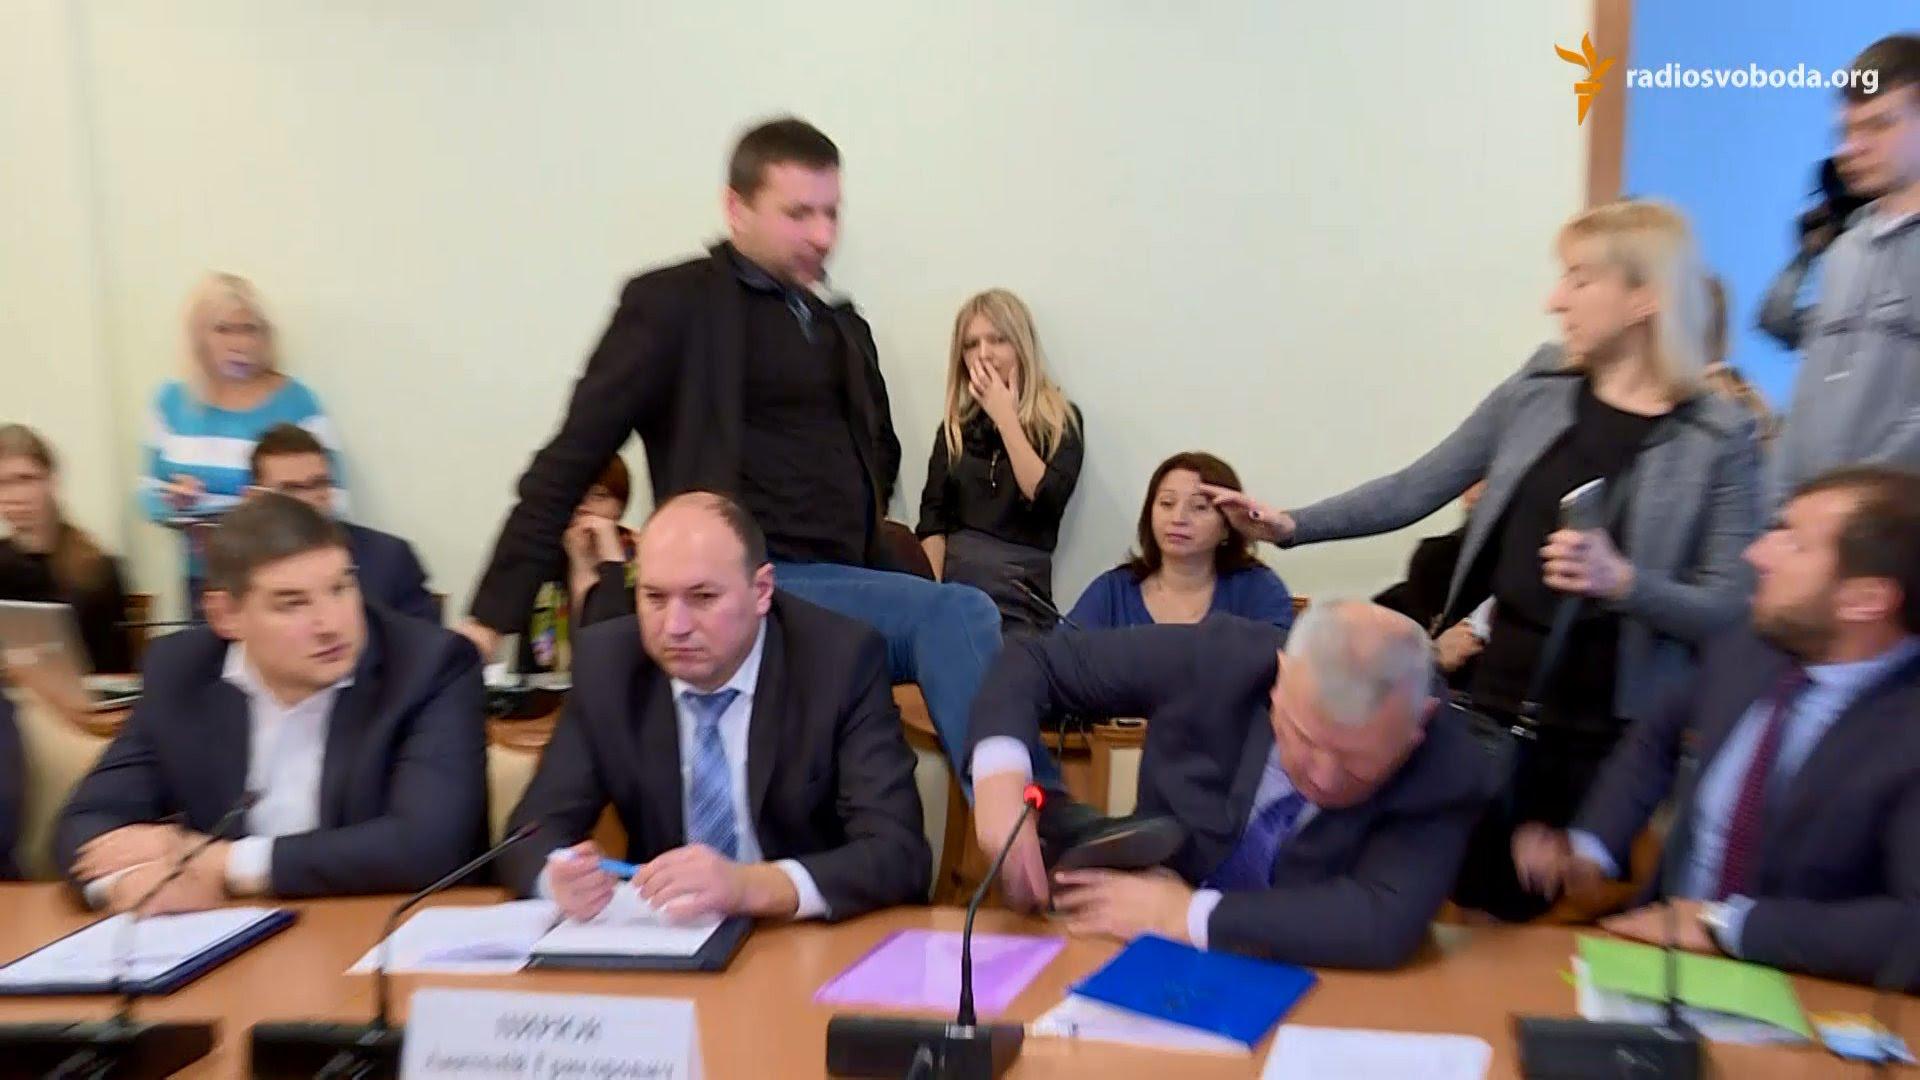 Генерал СБУ Писный проиграл суд Парасюку который его припечатал